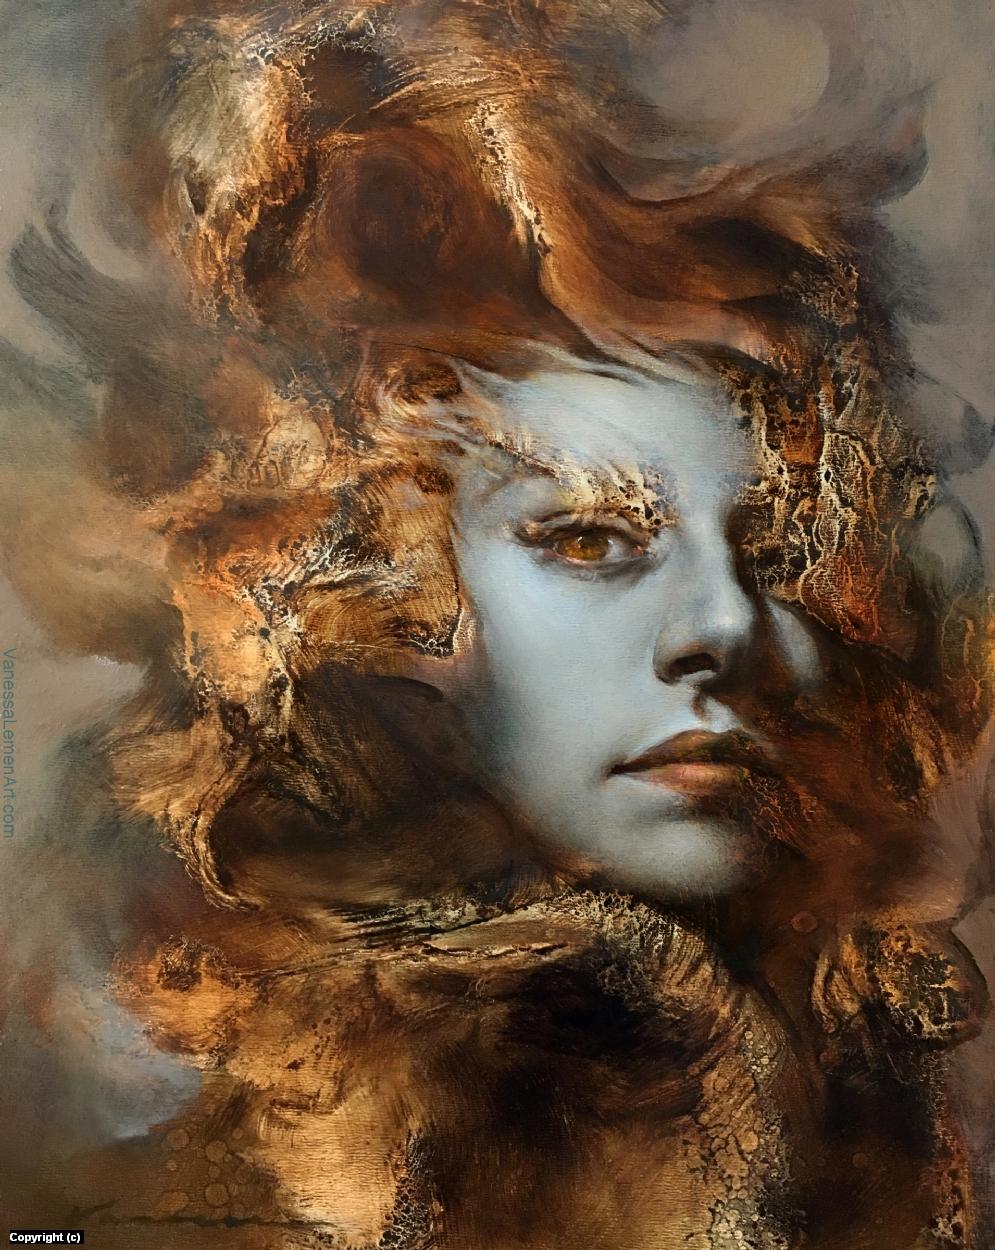 The Dragon Whisperer Artwork by Vanessa Lemen